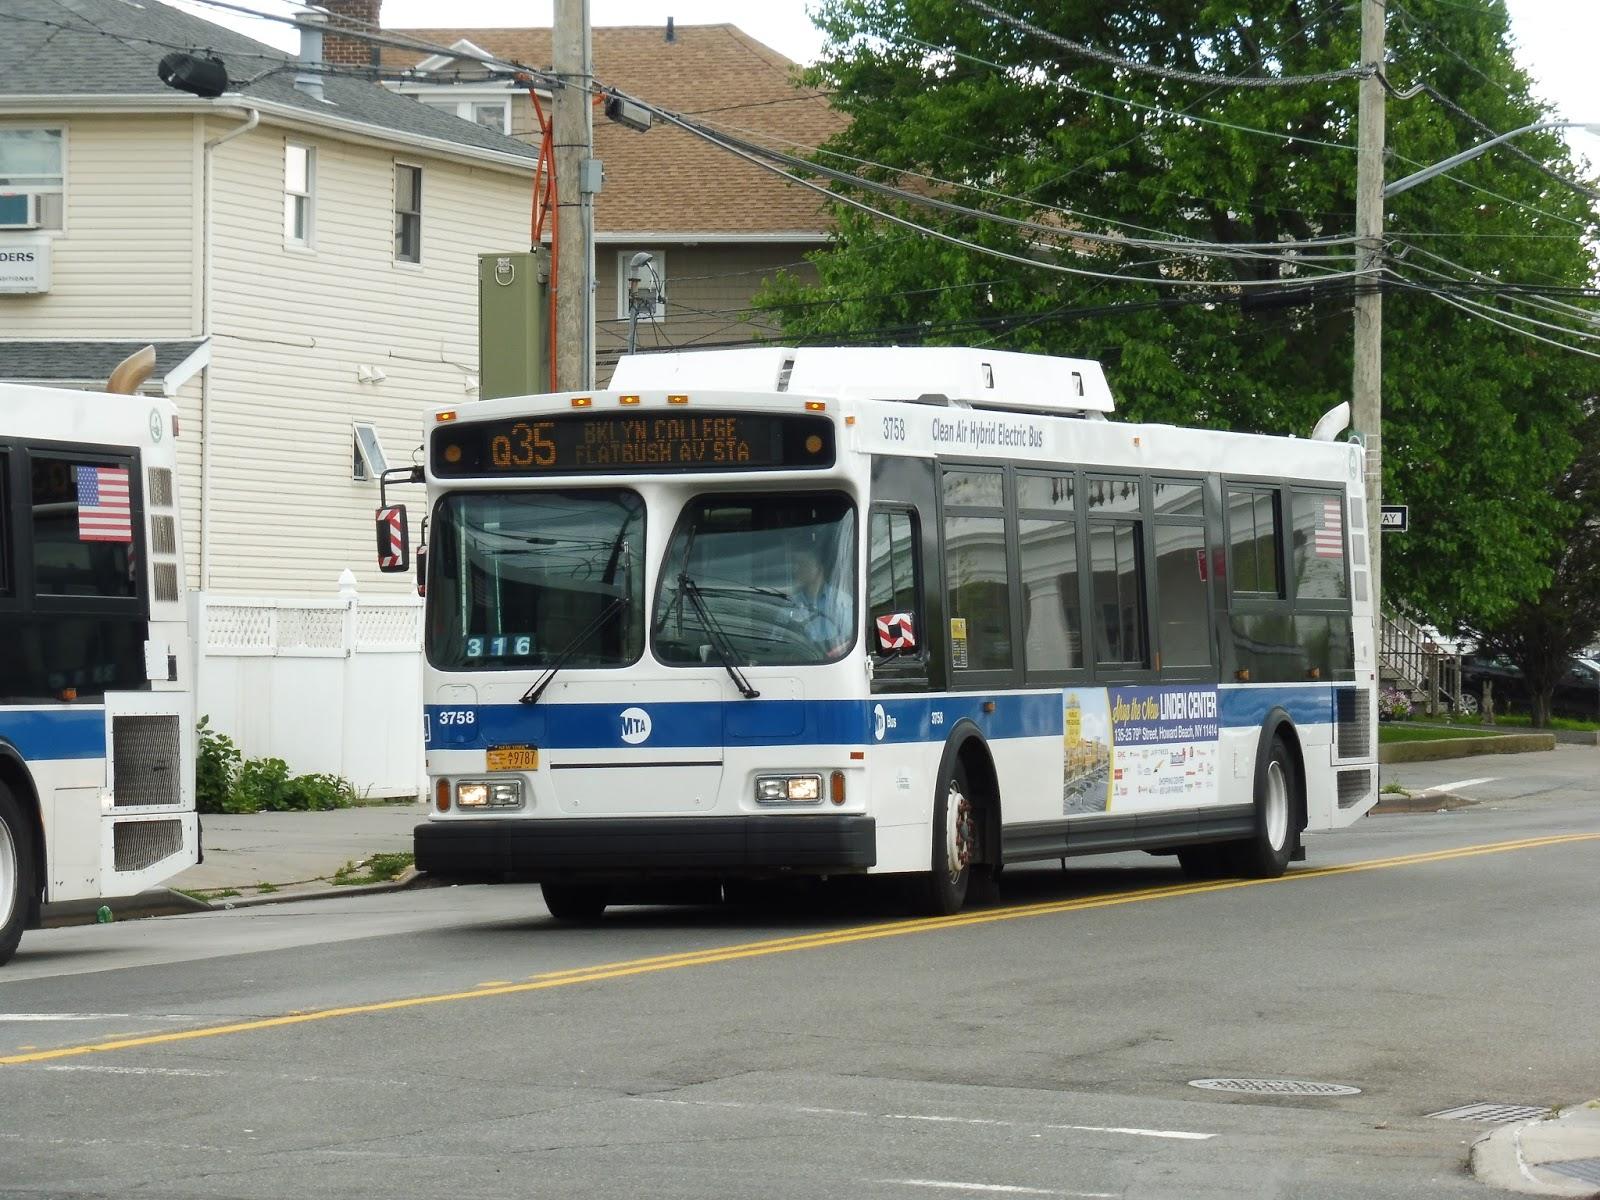 q35 bus schedule